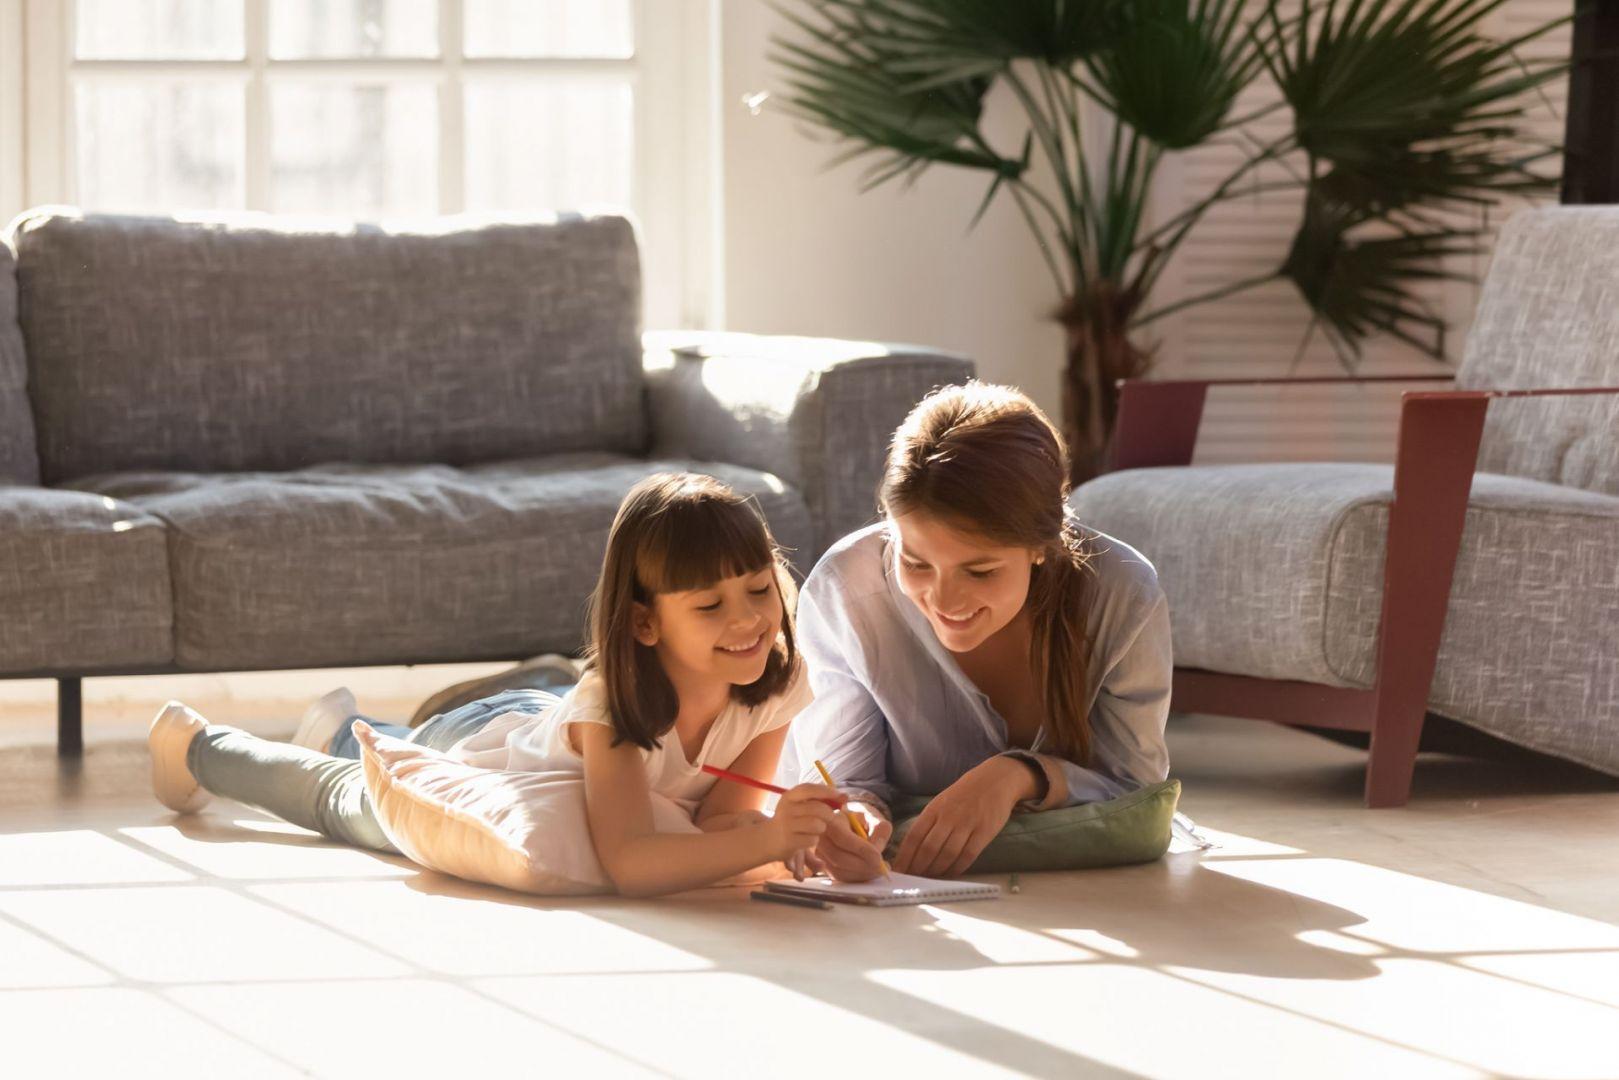 Pompa ciepła najefektywniej współpracuje z ogrzewaniem podłogowym. Fot. Shutterstock